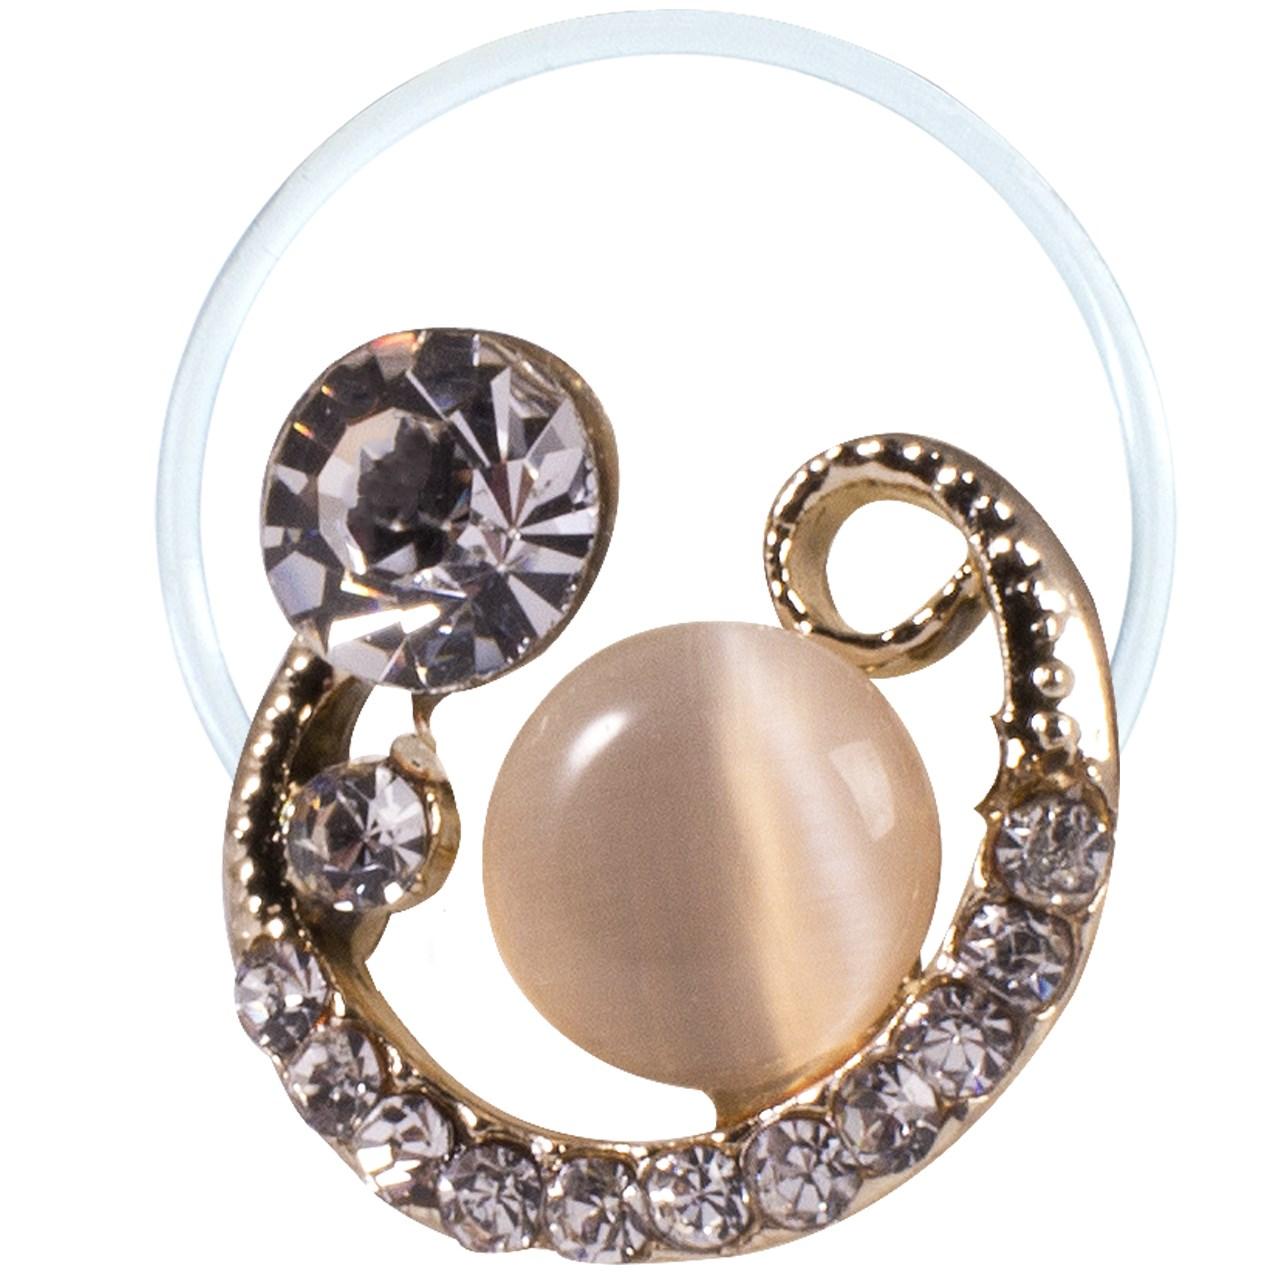 قیمت انگشتر پا طرح ماه و نگین مروارید مدل Toe Ring2